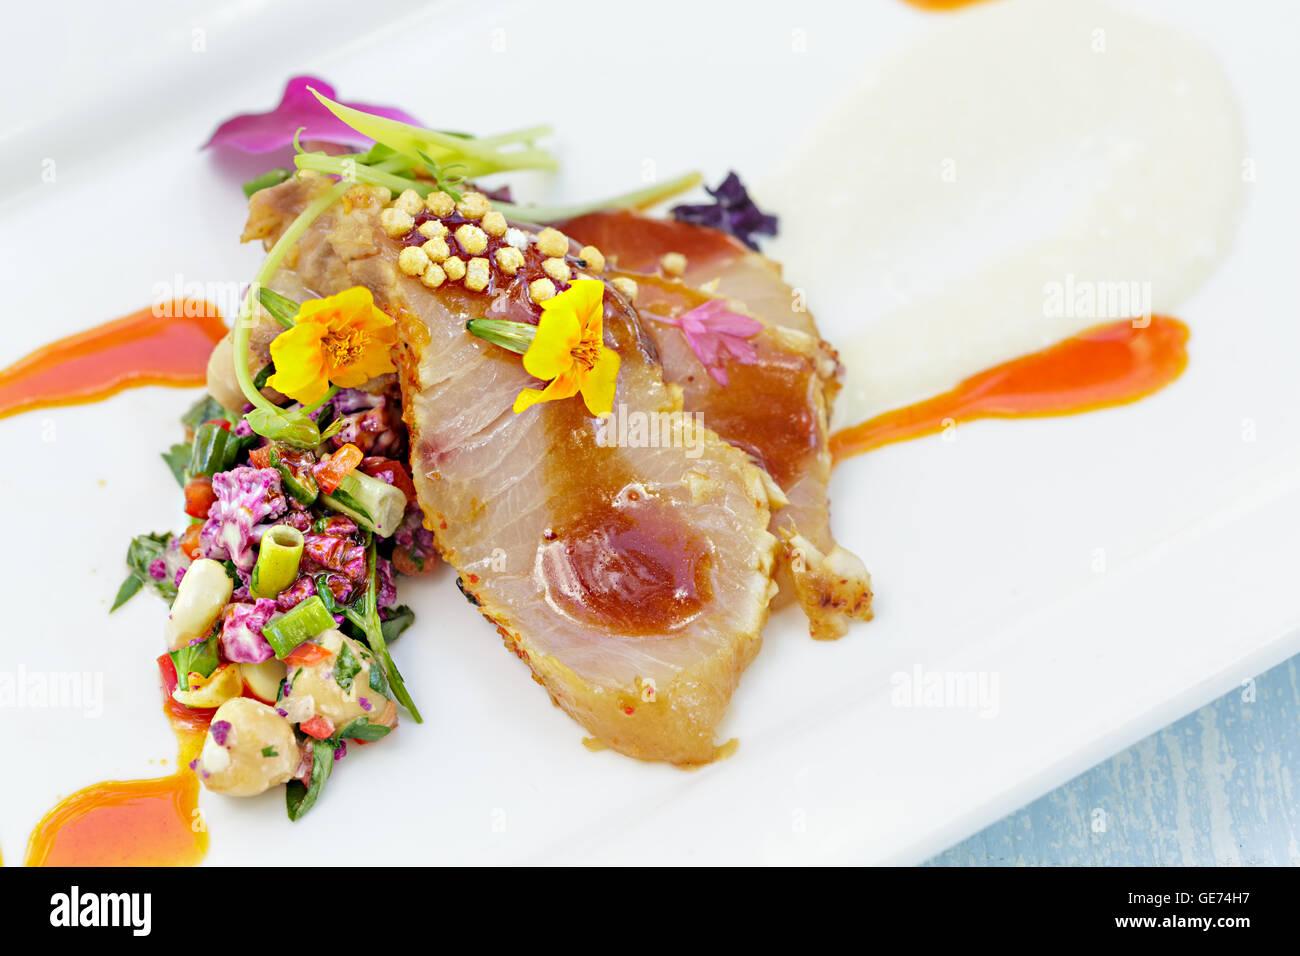 Charred hamachi seasoned with togarashi and garnished with for Edible hawaiian fish